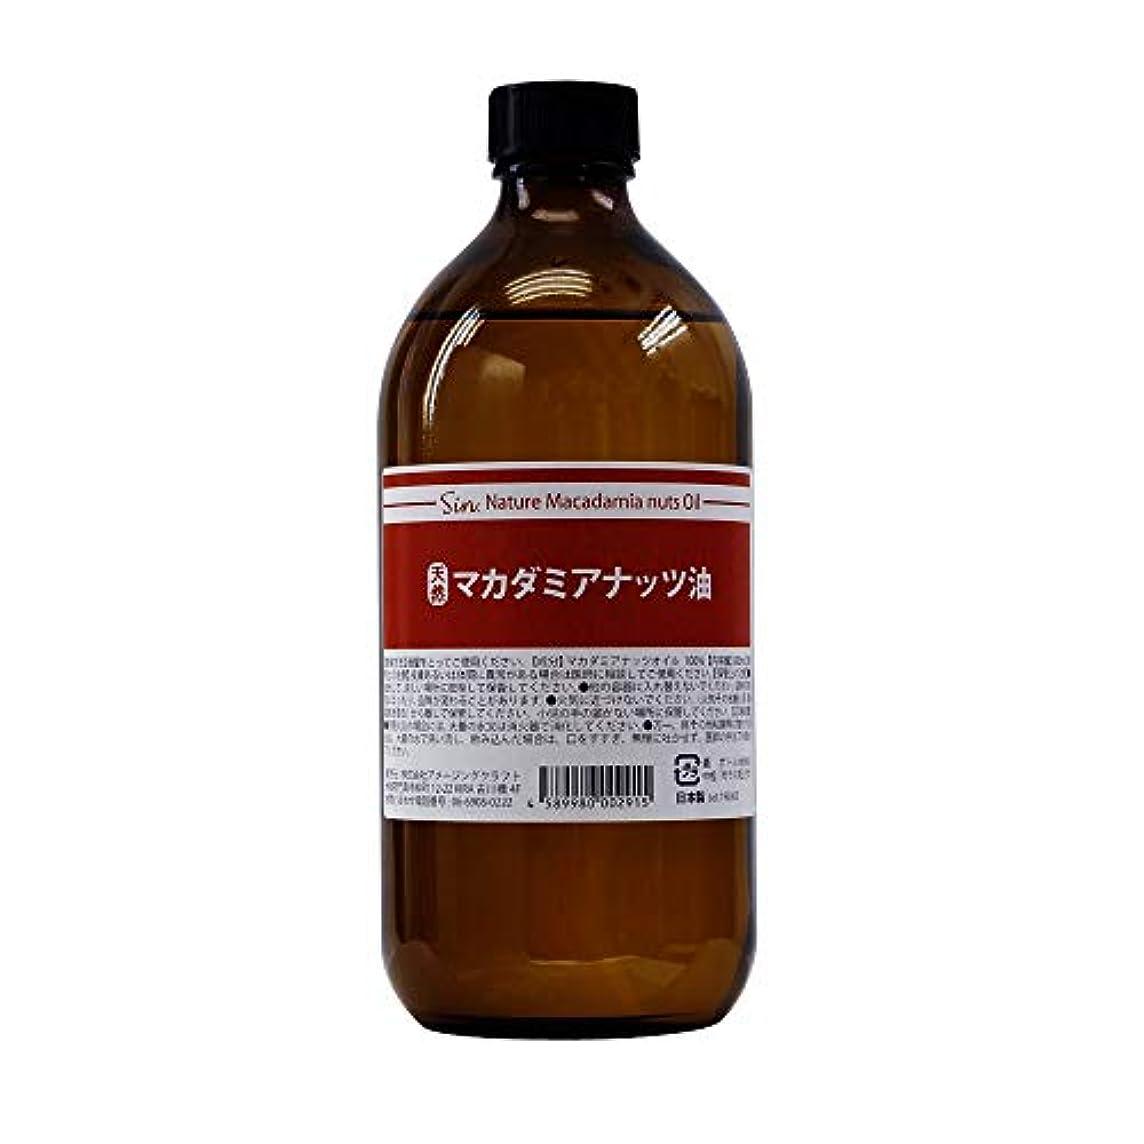 人間お気に入り延期する天然無添加 国内精製 マカダミアナッツオイル 500ml